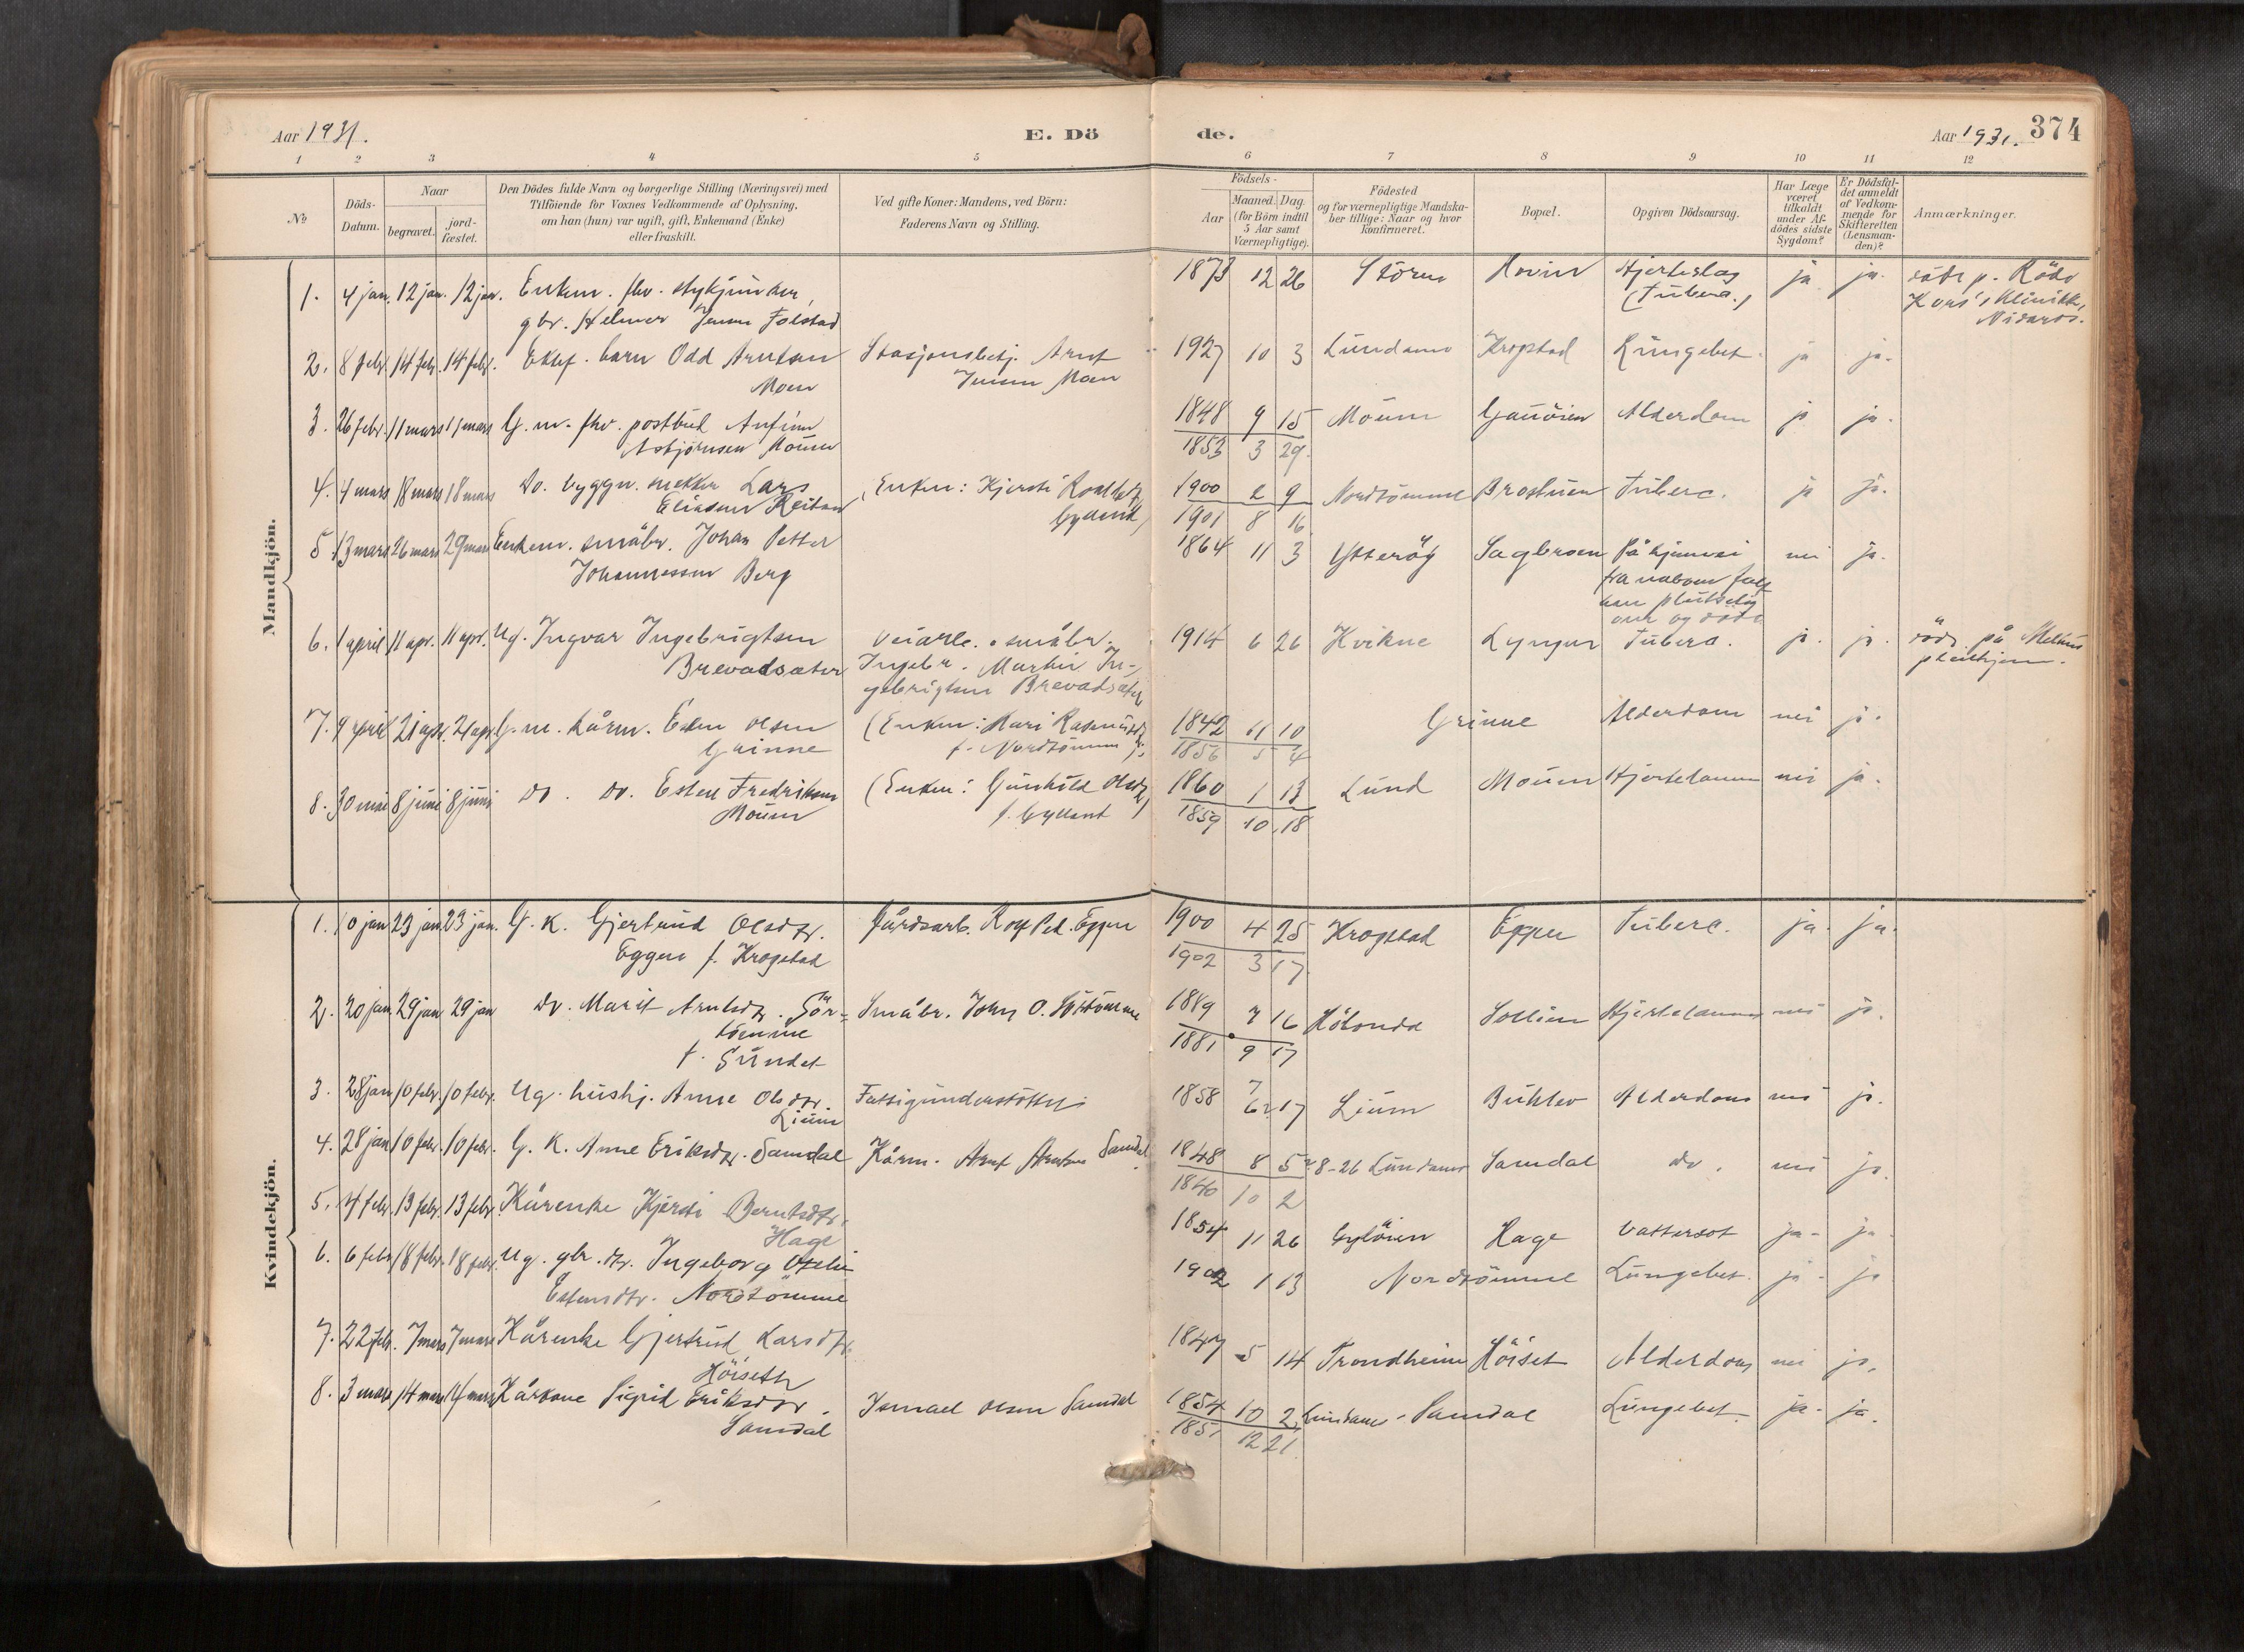 SAT, Ministerialprotokoller, klokkerbøker og fødselsregistre - Sør-Trøndelag, 692/L1105b: Ministerialbok nr. 692A06, 1891-1934, s. 374